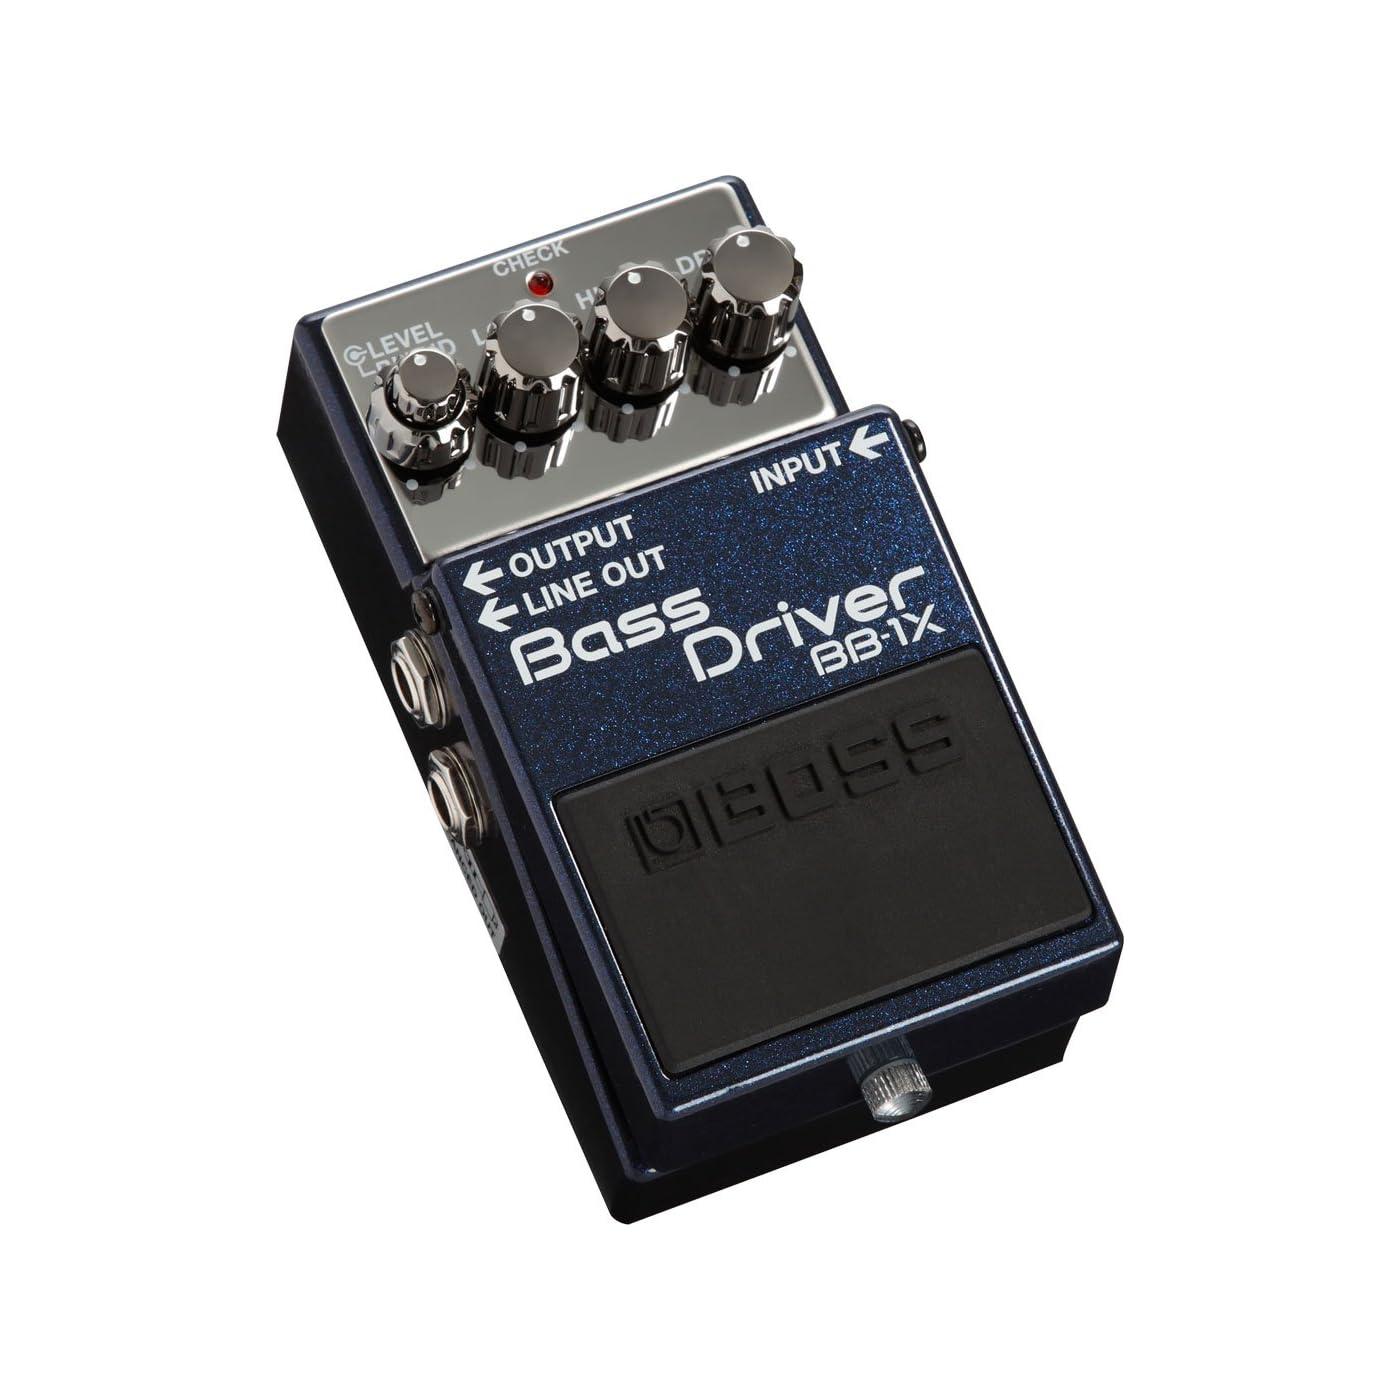 リンク:BB-1X Bass Driver